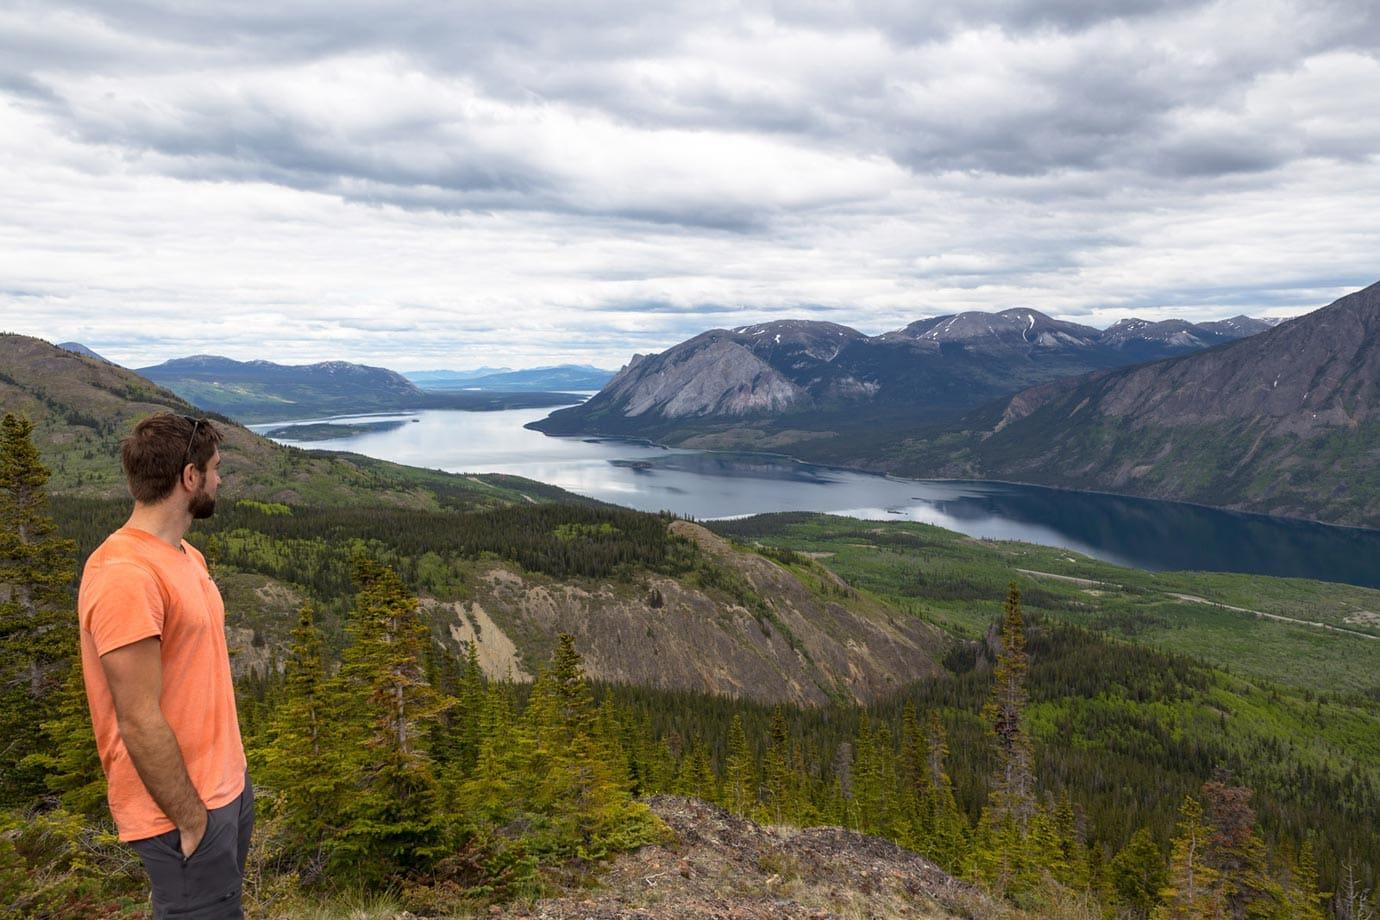 Hiking the Sam McGee trail